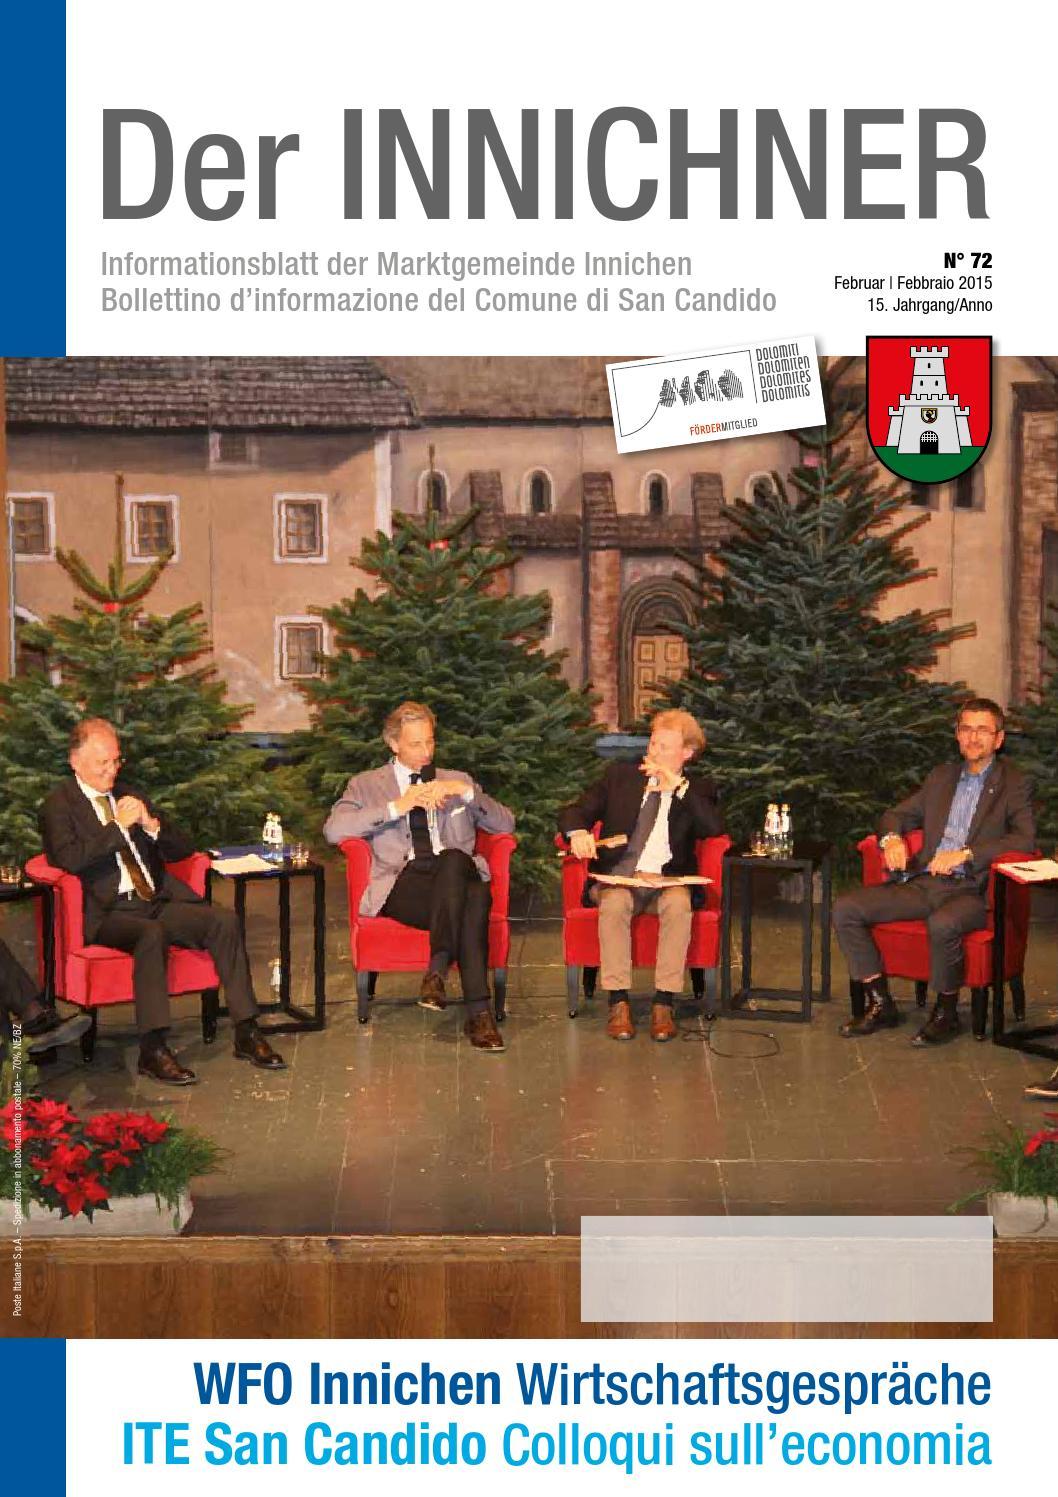 Nr./n. 72 2015 Der Innichner by Gemeinde Innichen - issuu